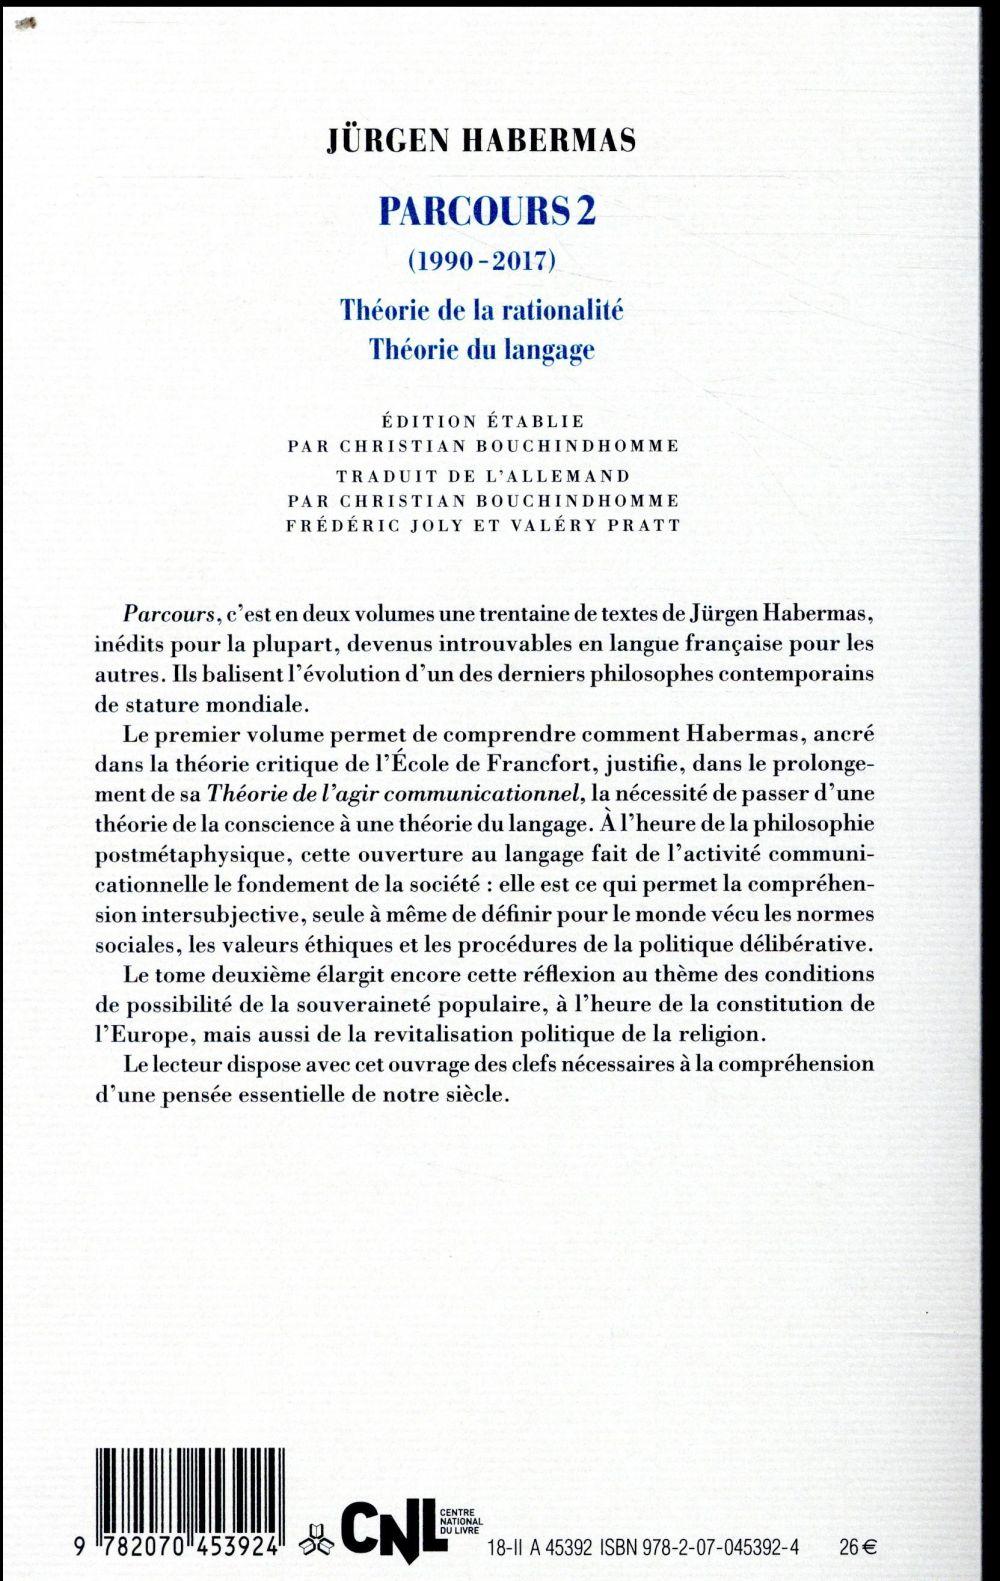 parcours 2 (1990-2017) ; théorie de la rationalité, théorie du langage